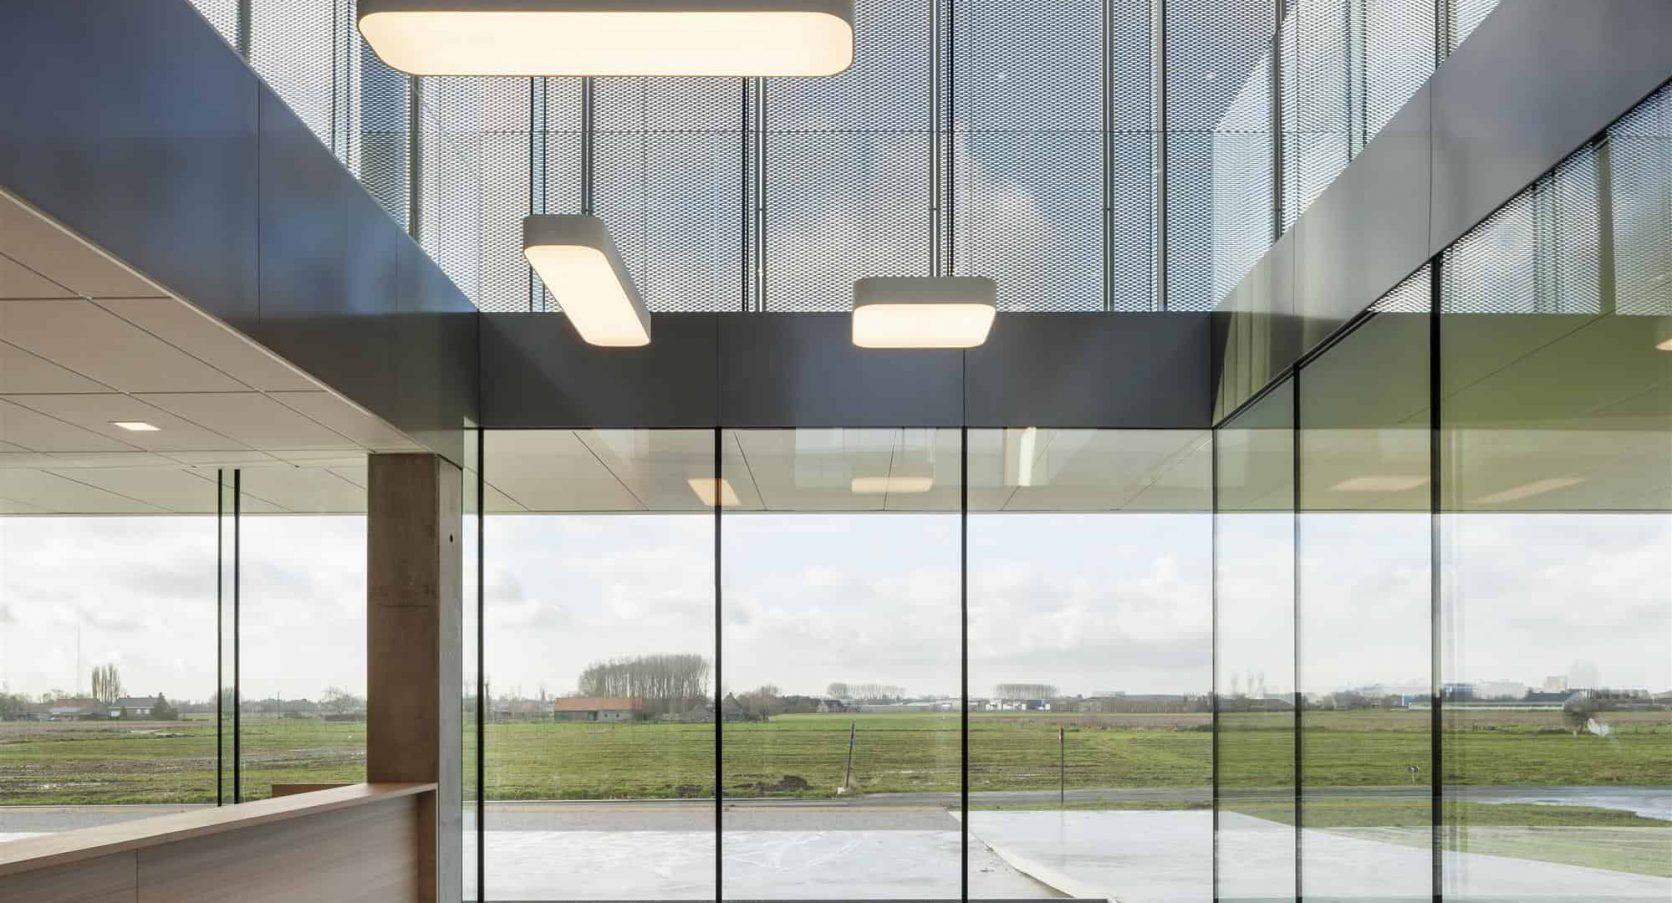 Van binnen uit bekeken dient de gevelbekleding van het gebouw ROB te Ardooie in België als zonwering